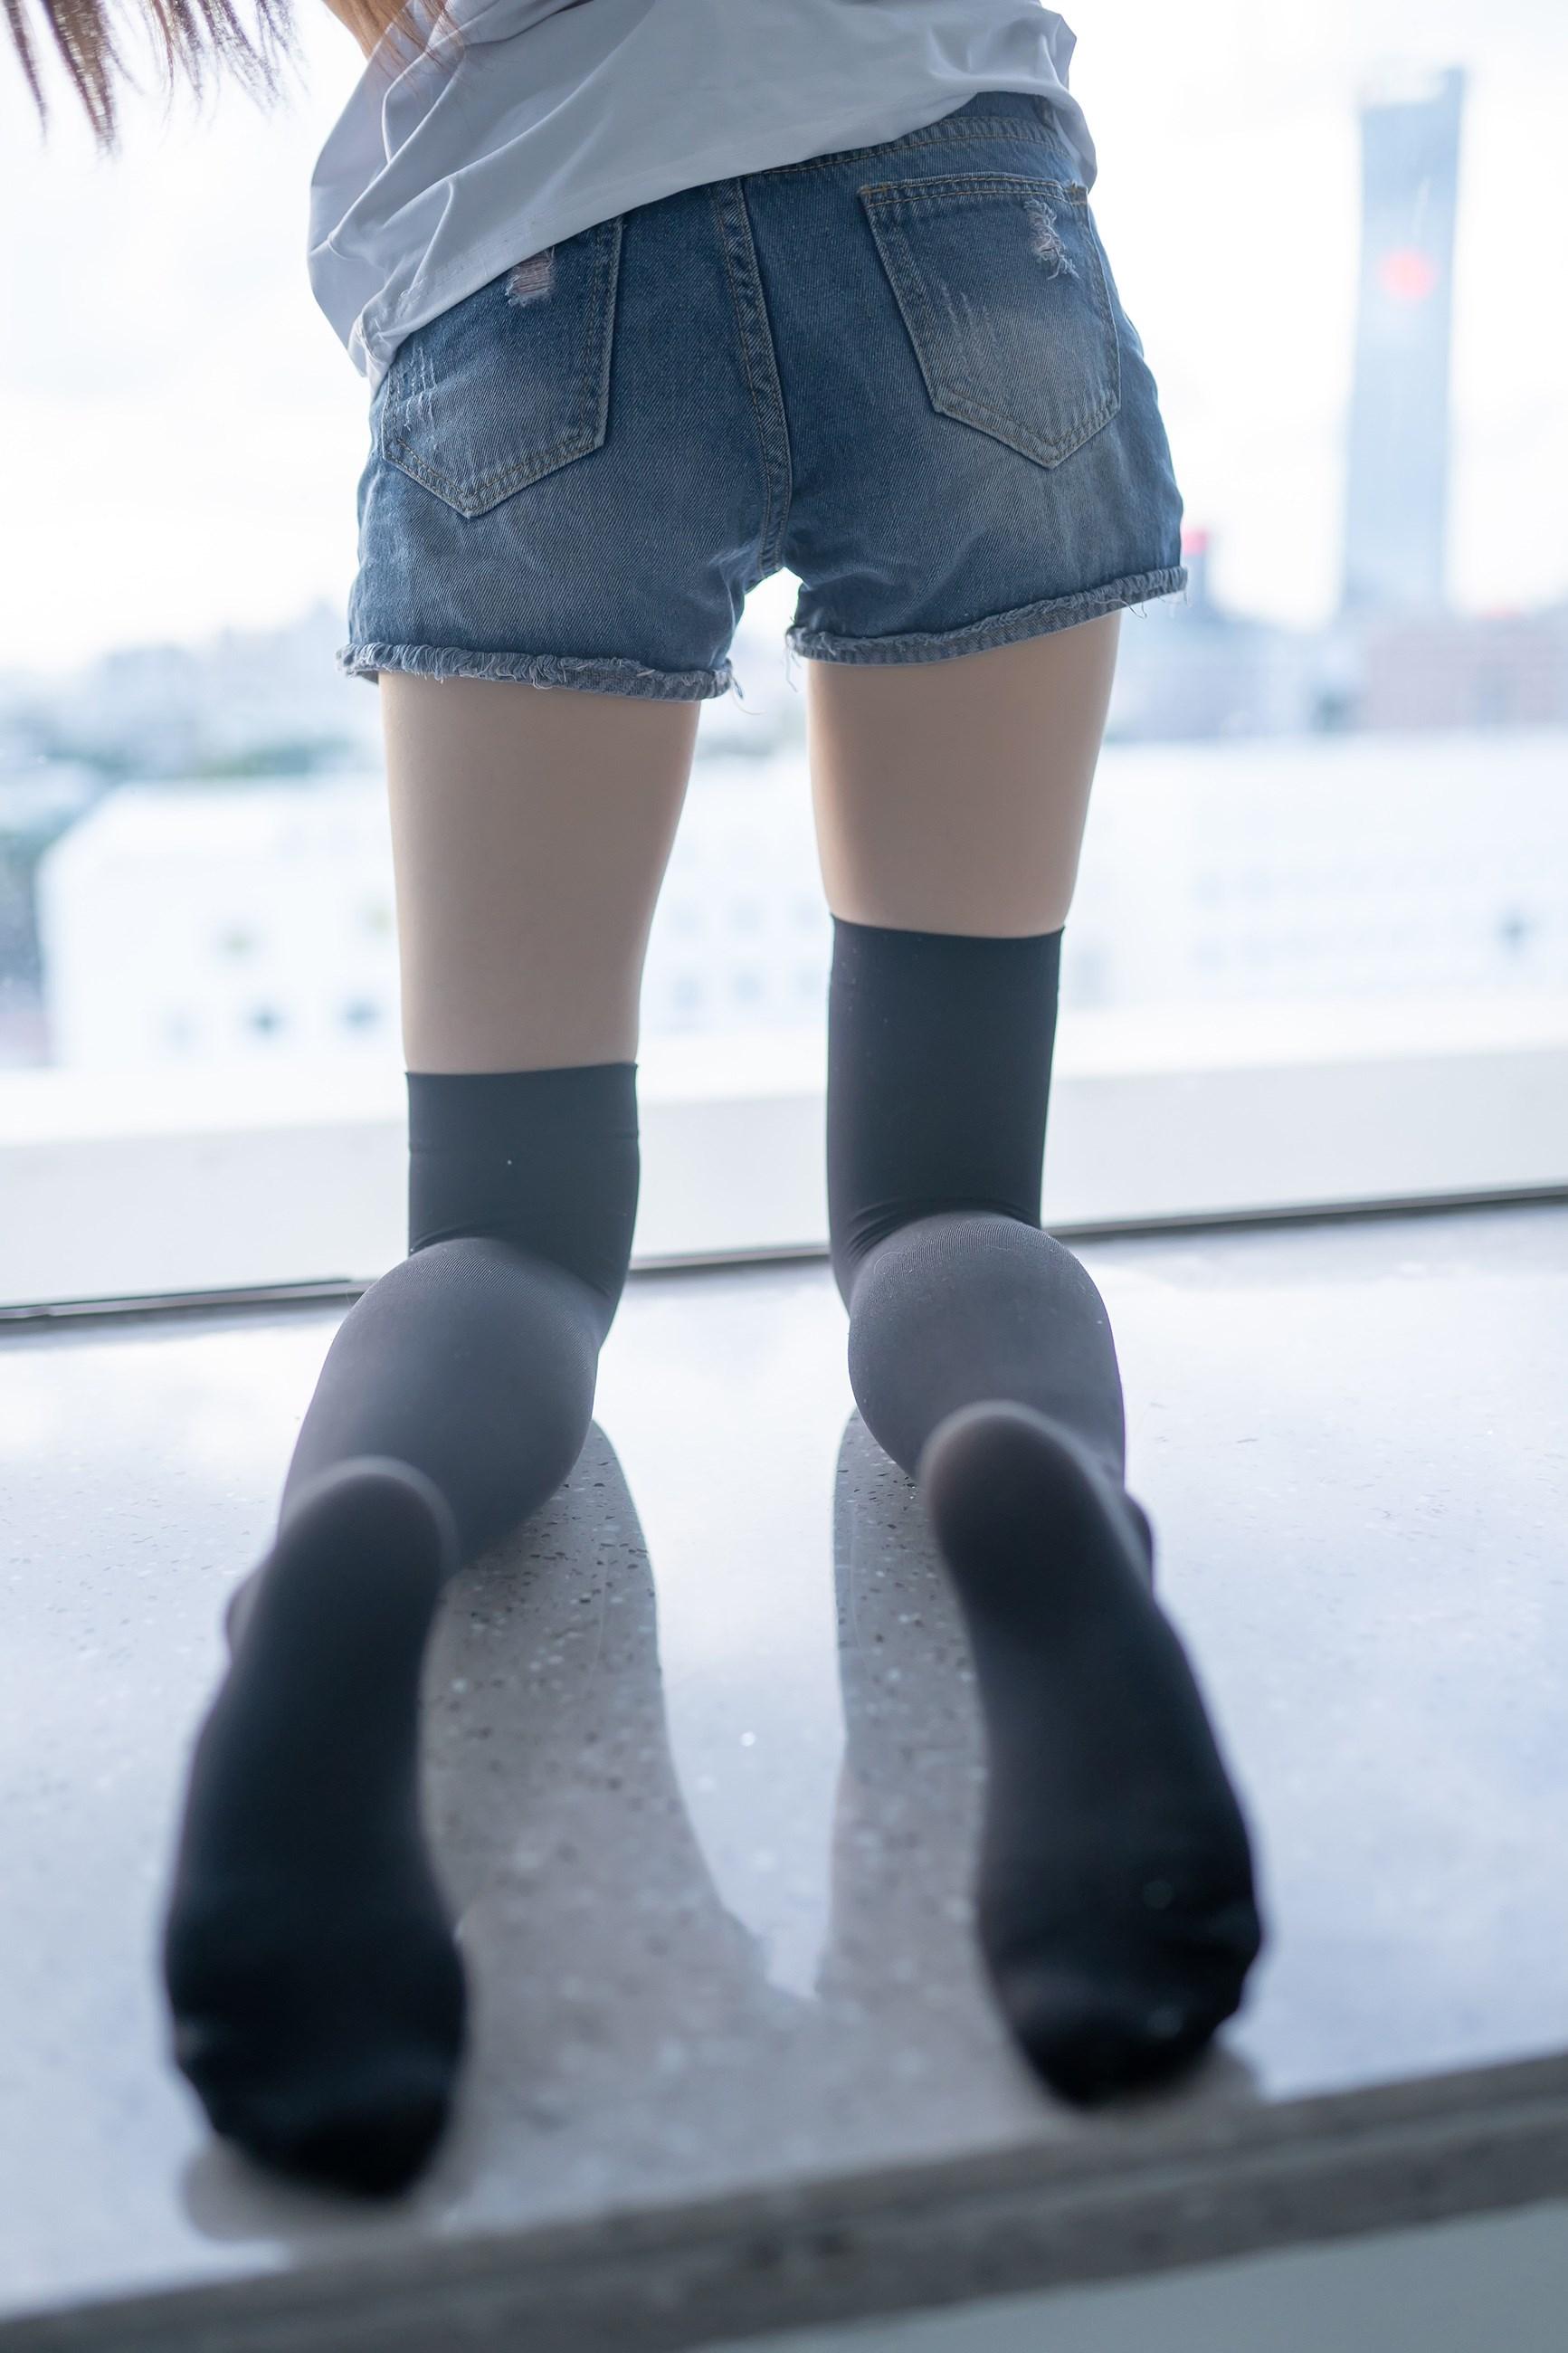 【兔玩映画】黑色半筒袜 兔玩映画 第25张